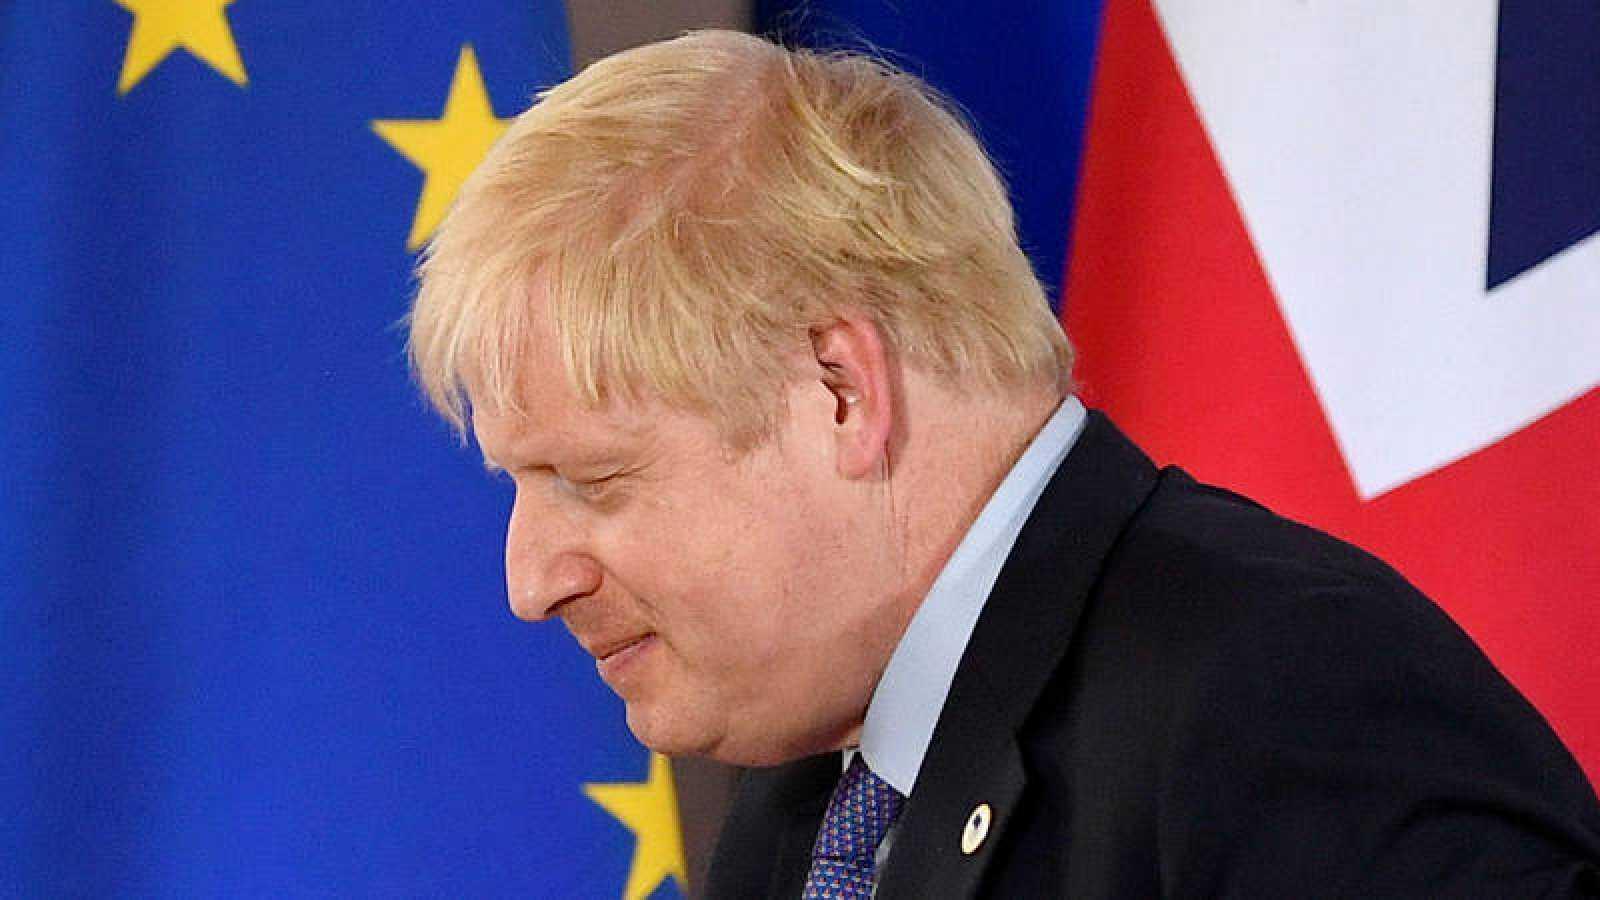 El primer ministro británico Boris Johnson con las banderas de  la Unión Europea y Reino Unido de fondo